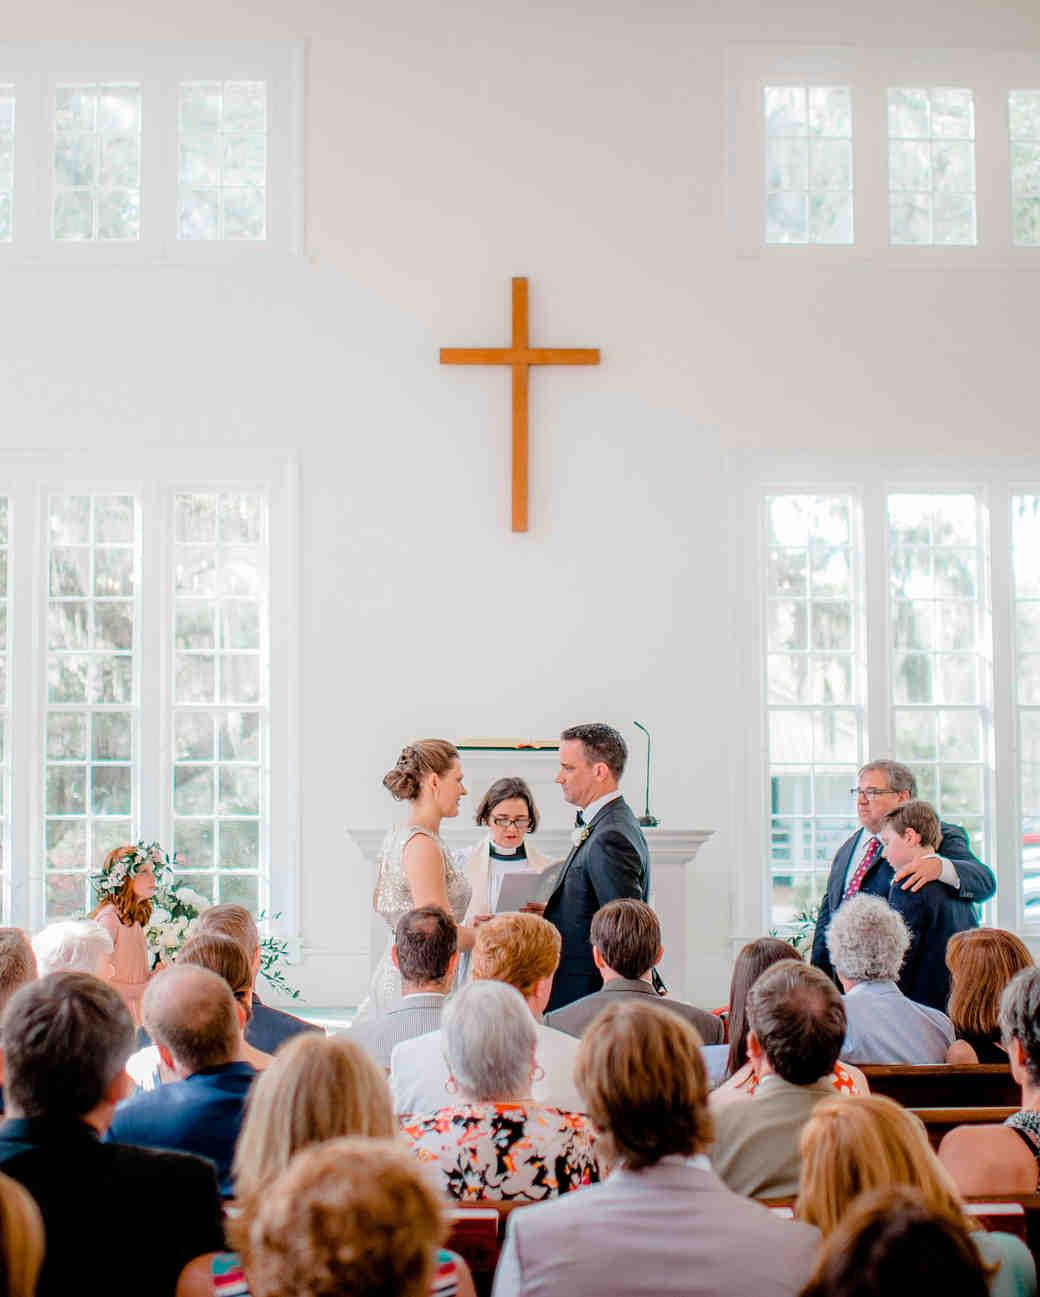 melany-drew-wedding-ceremony-076-s112184-0915.jpg